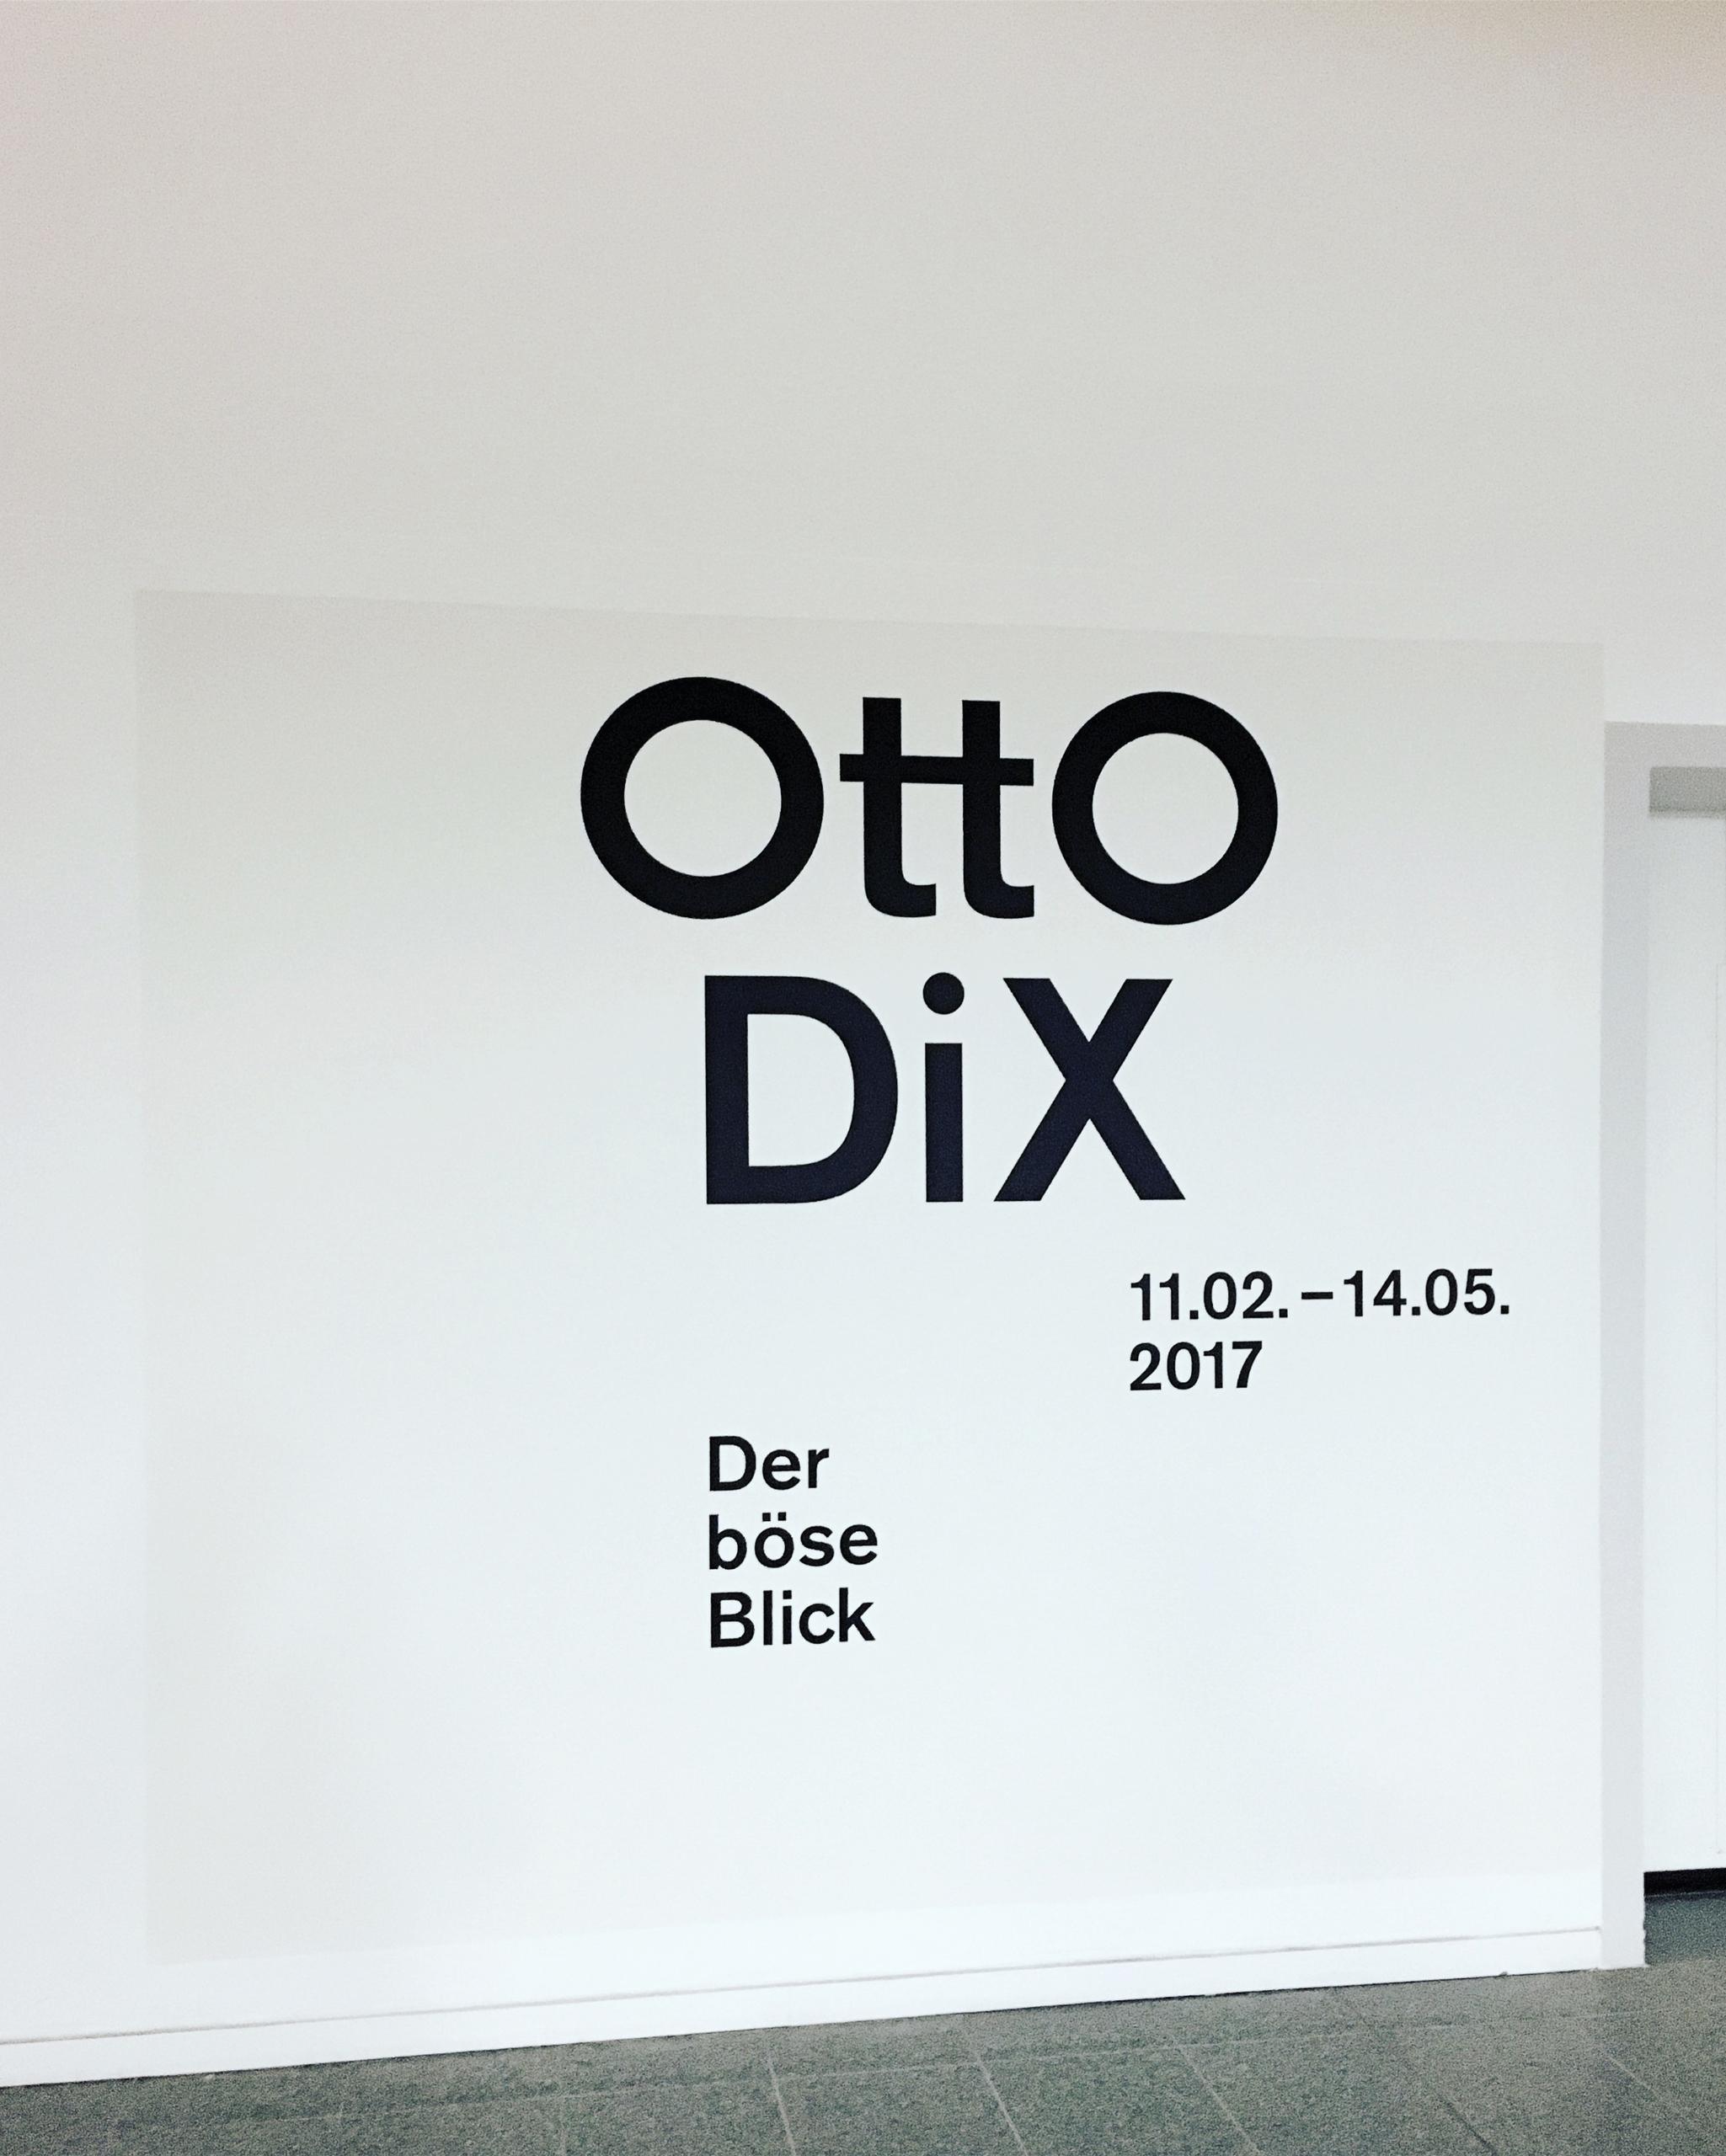 ottodix, kunstsammlungnrw, K20 - sascha_lobe | ello